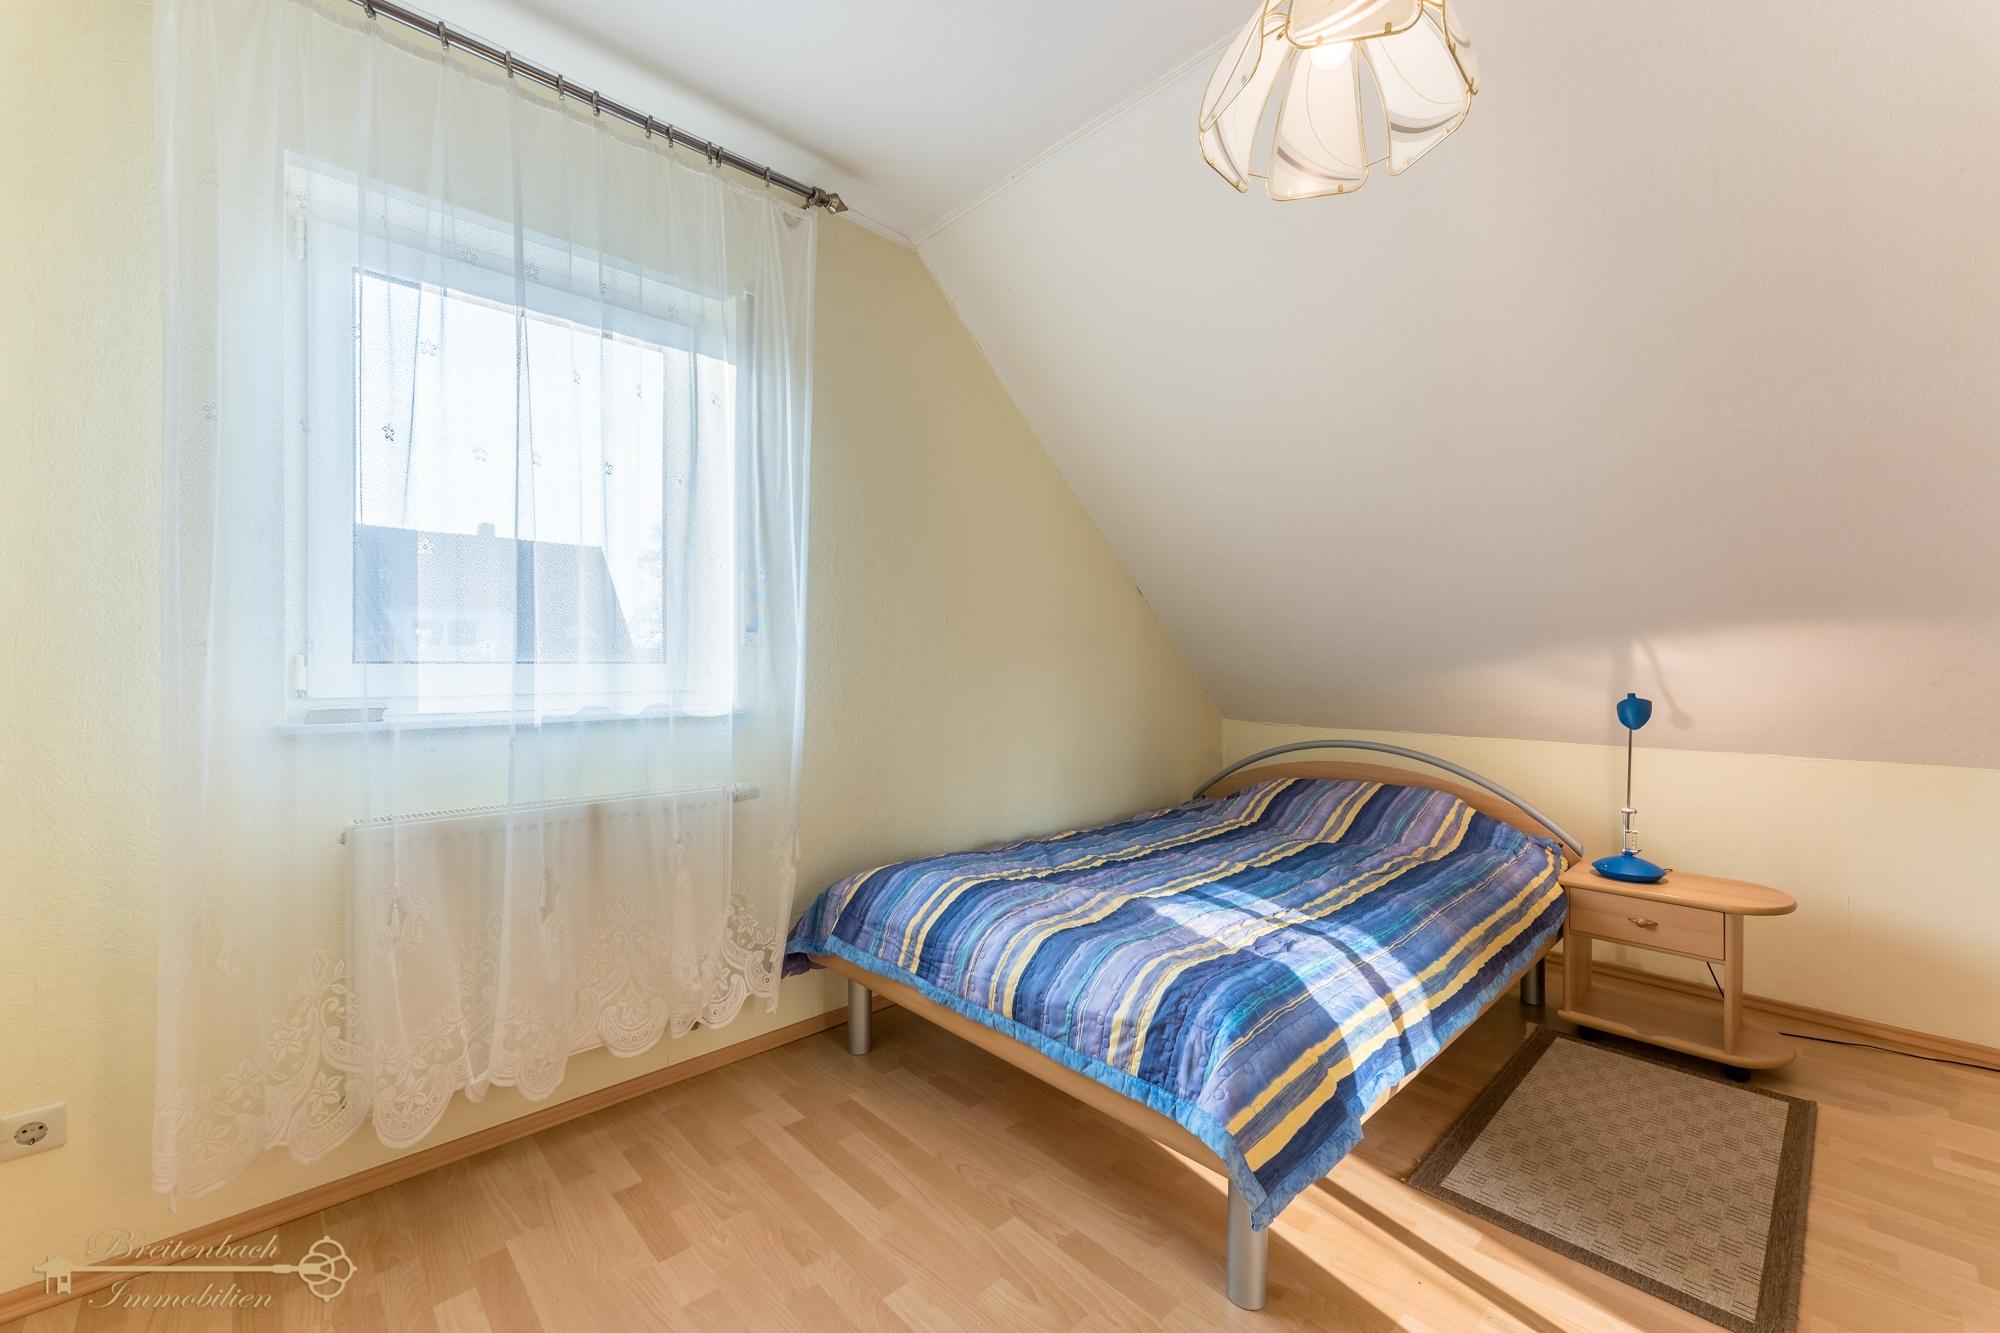 2021-03-25-Breitenbach-Immobilien-Makler-Bremen-27